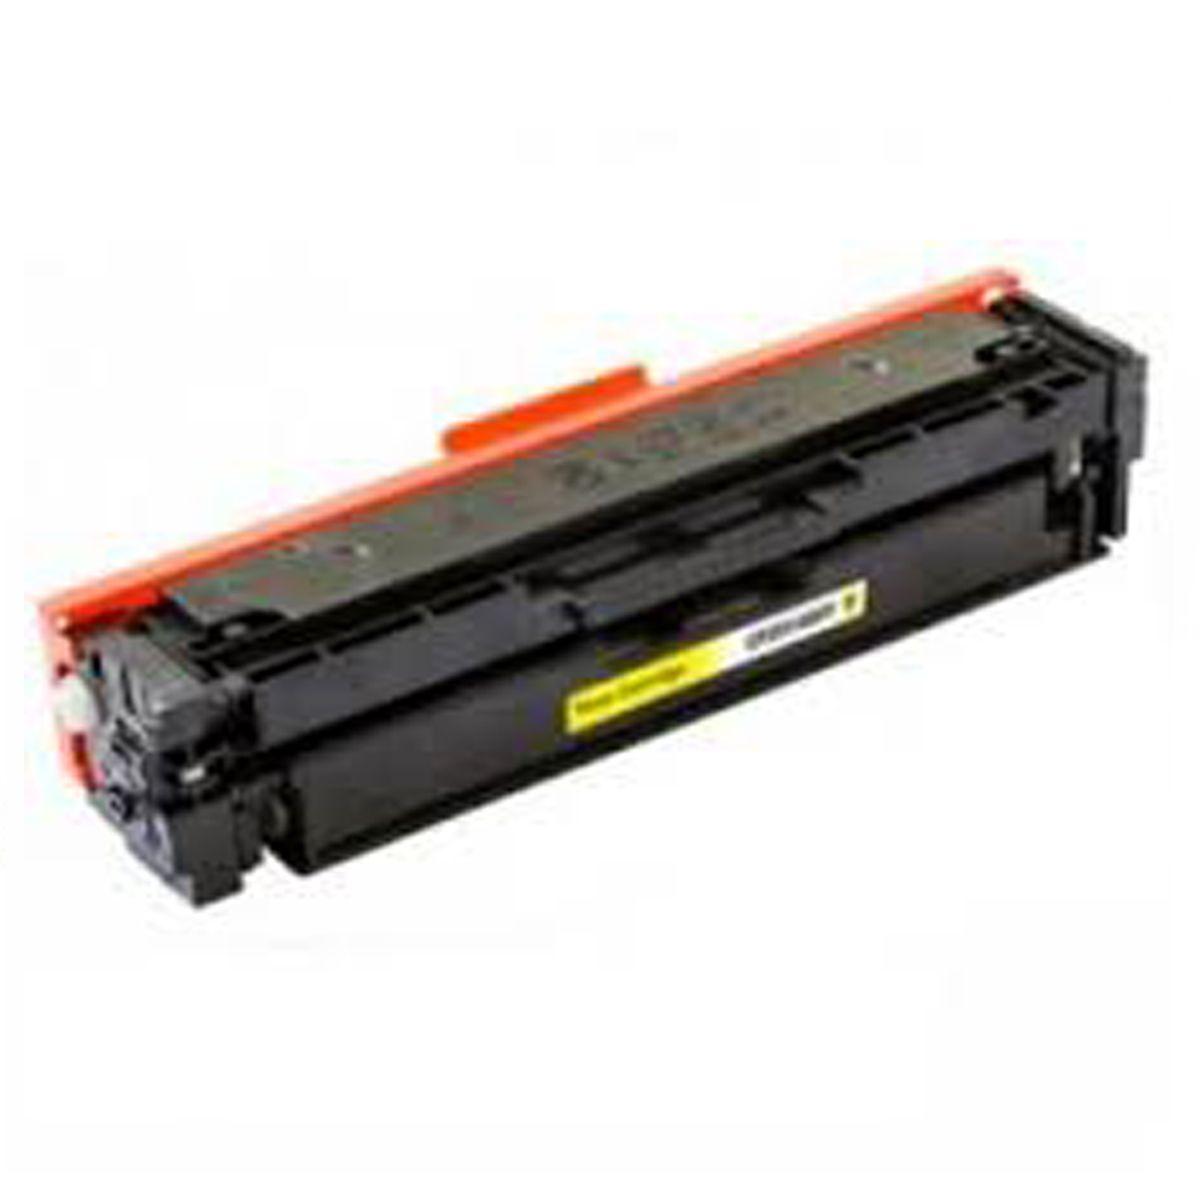 Toner Compativel com HP CF402A CF402 402A 201A - Amarelo - 1.4K